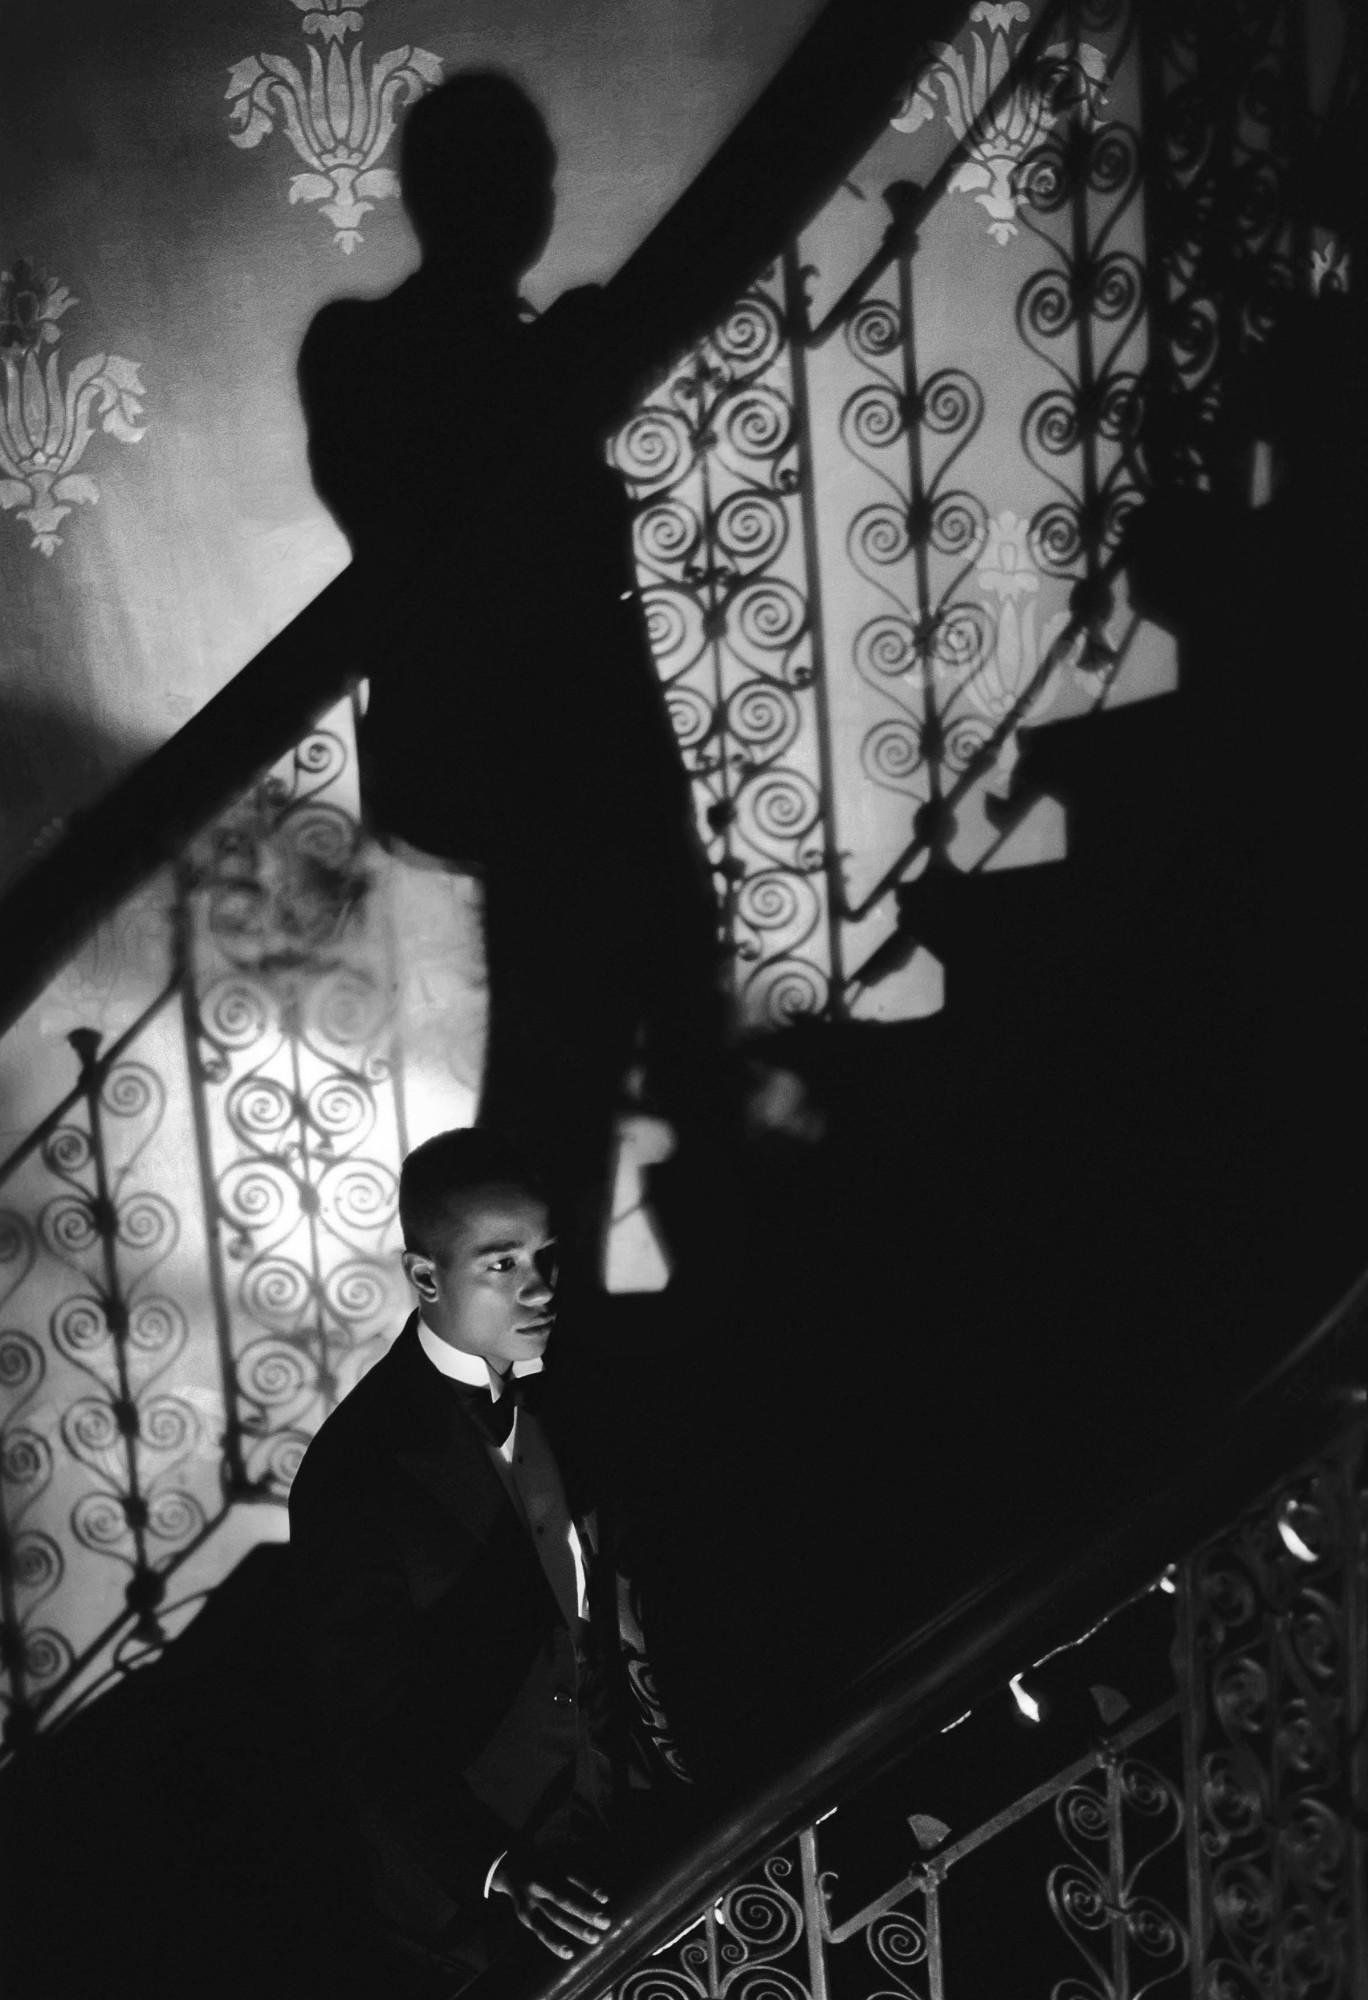 Isaac Julien, Film-Noir Staircase (Looking for Langston Vintage Series), 1989/2016